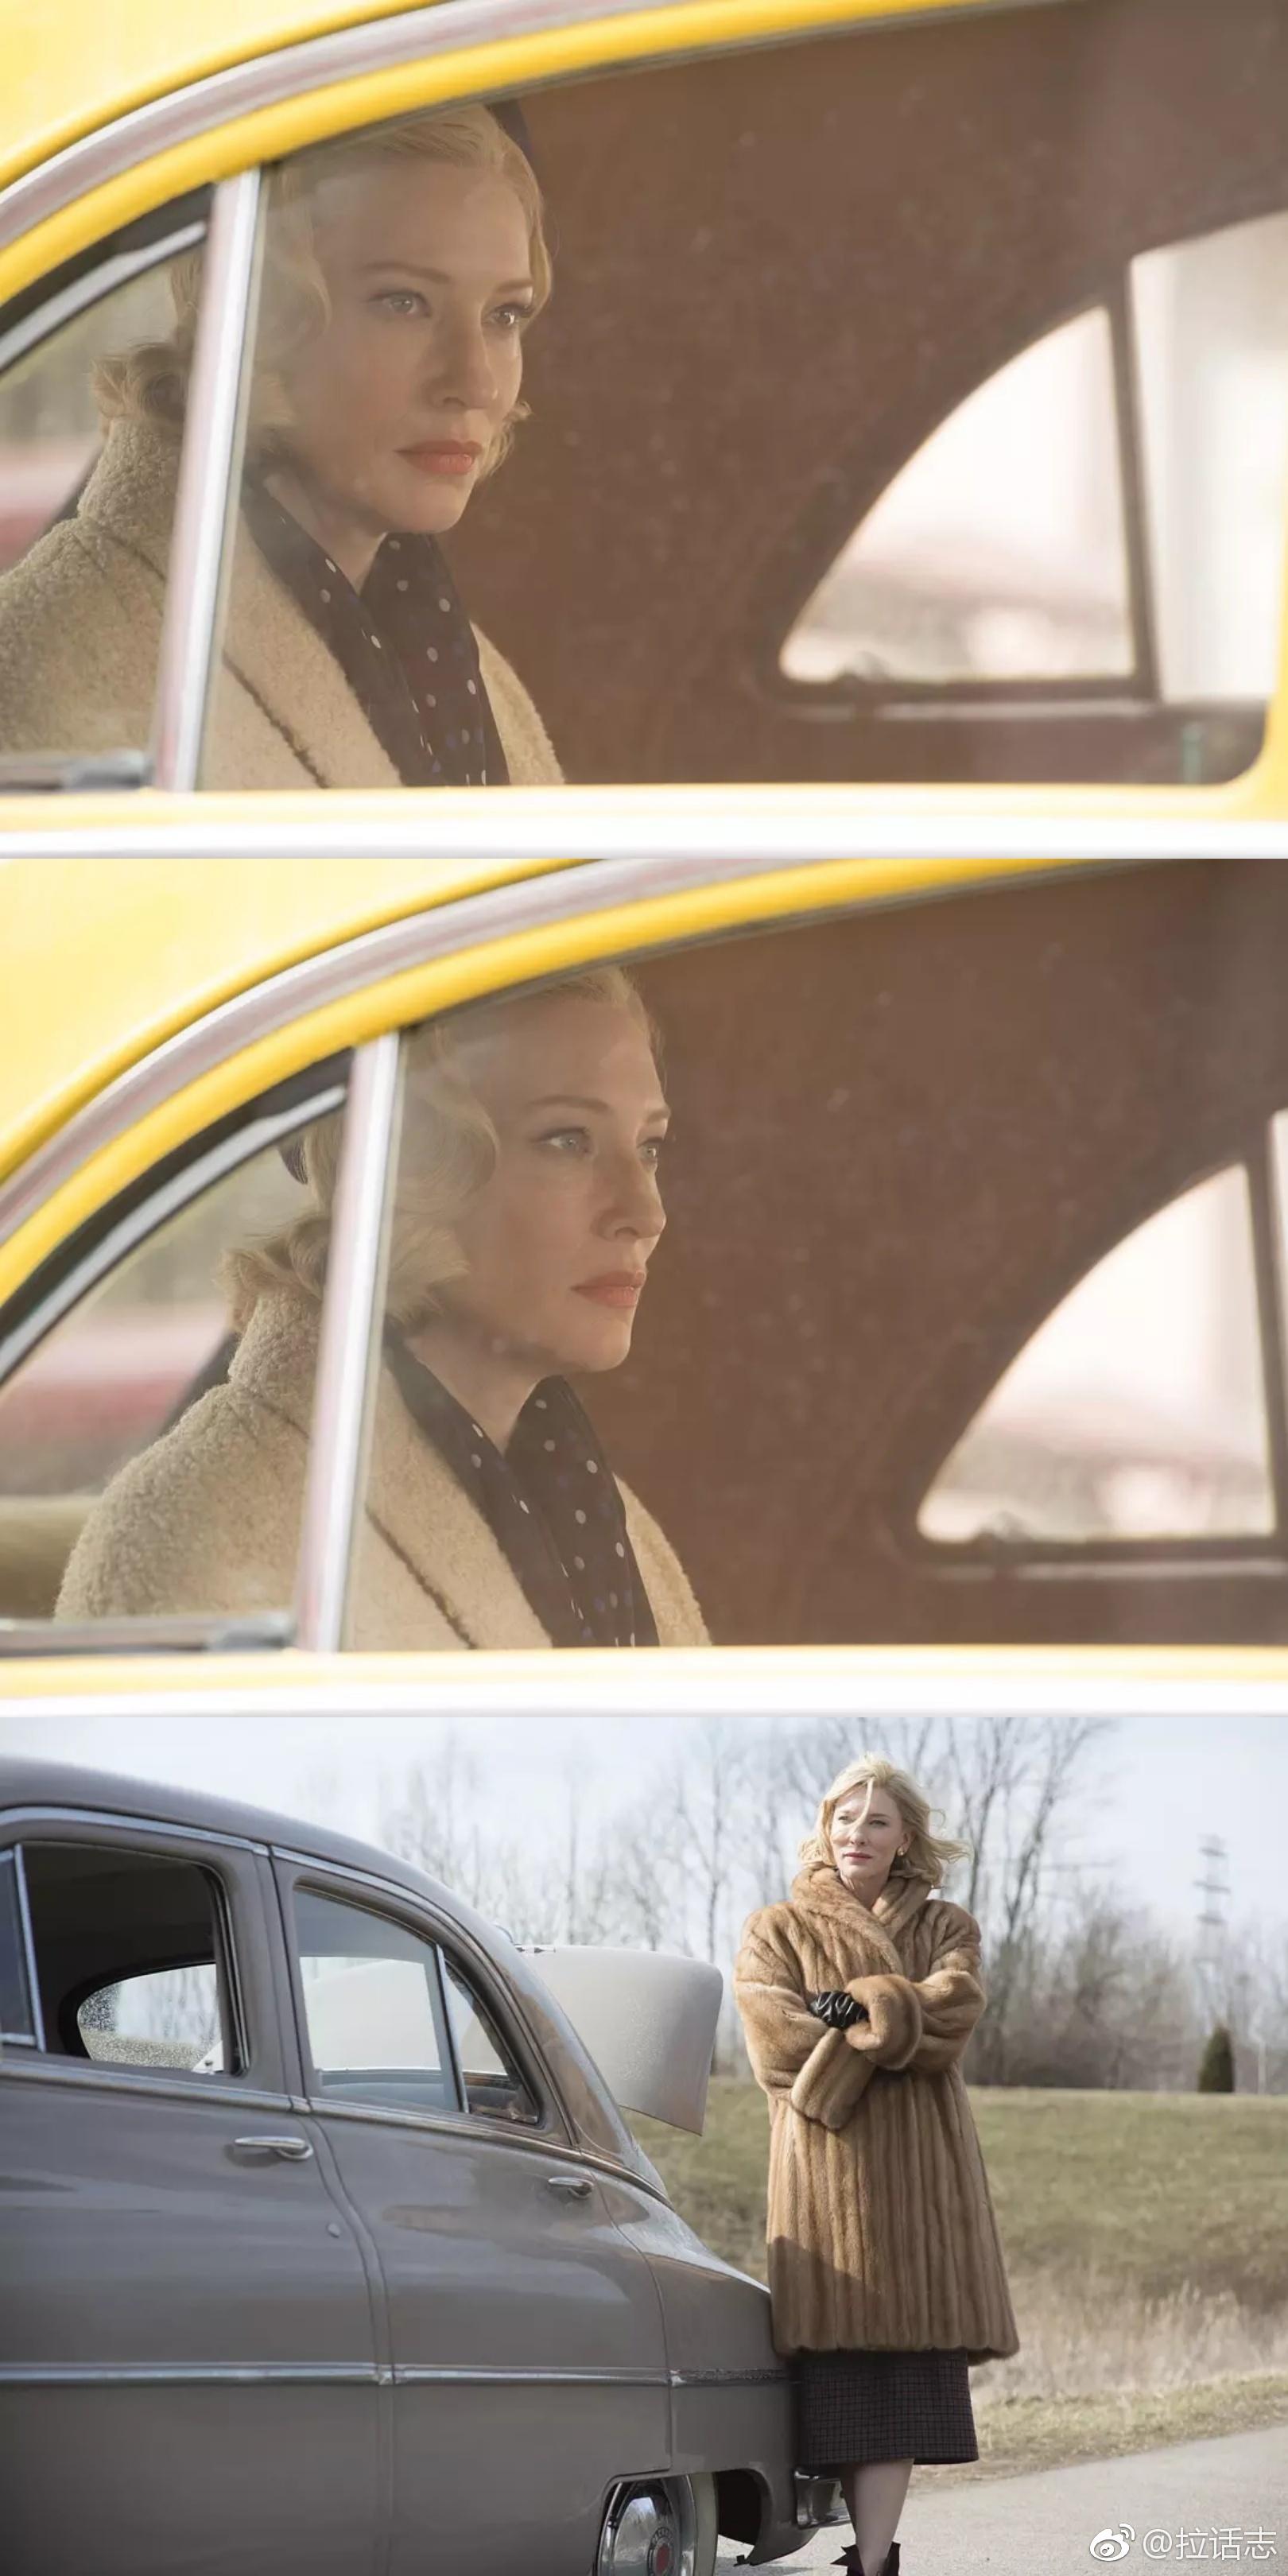 凯特布兰切特《卡罗尔》金敏喜《小姐》艾瑞卡林德《她唇之下》蕾